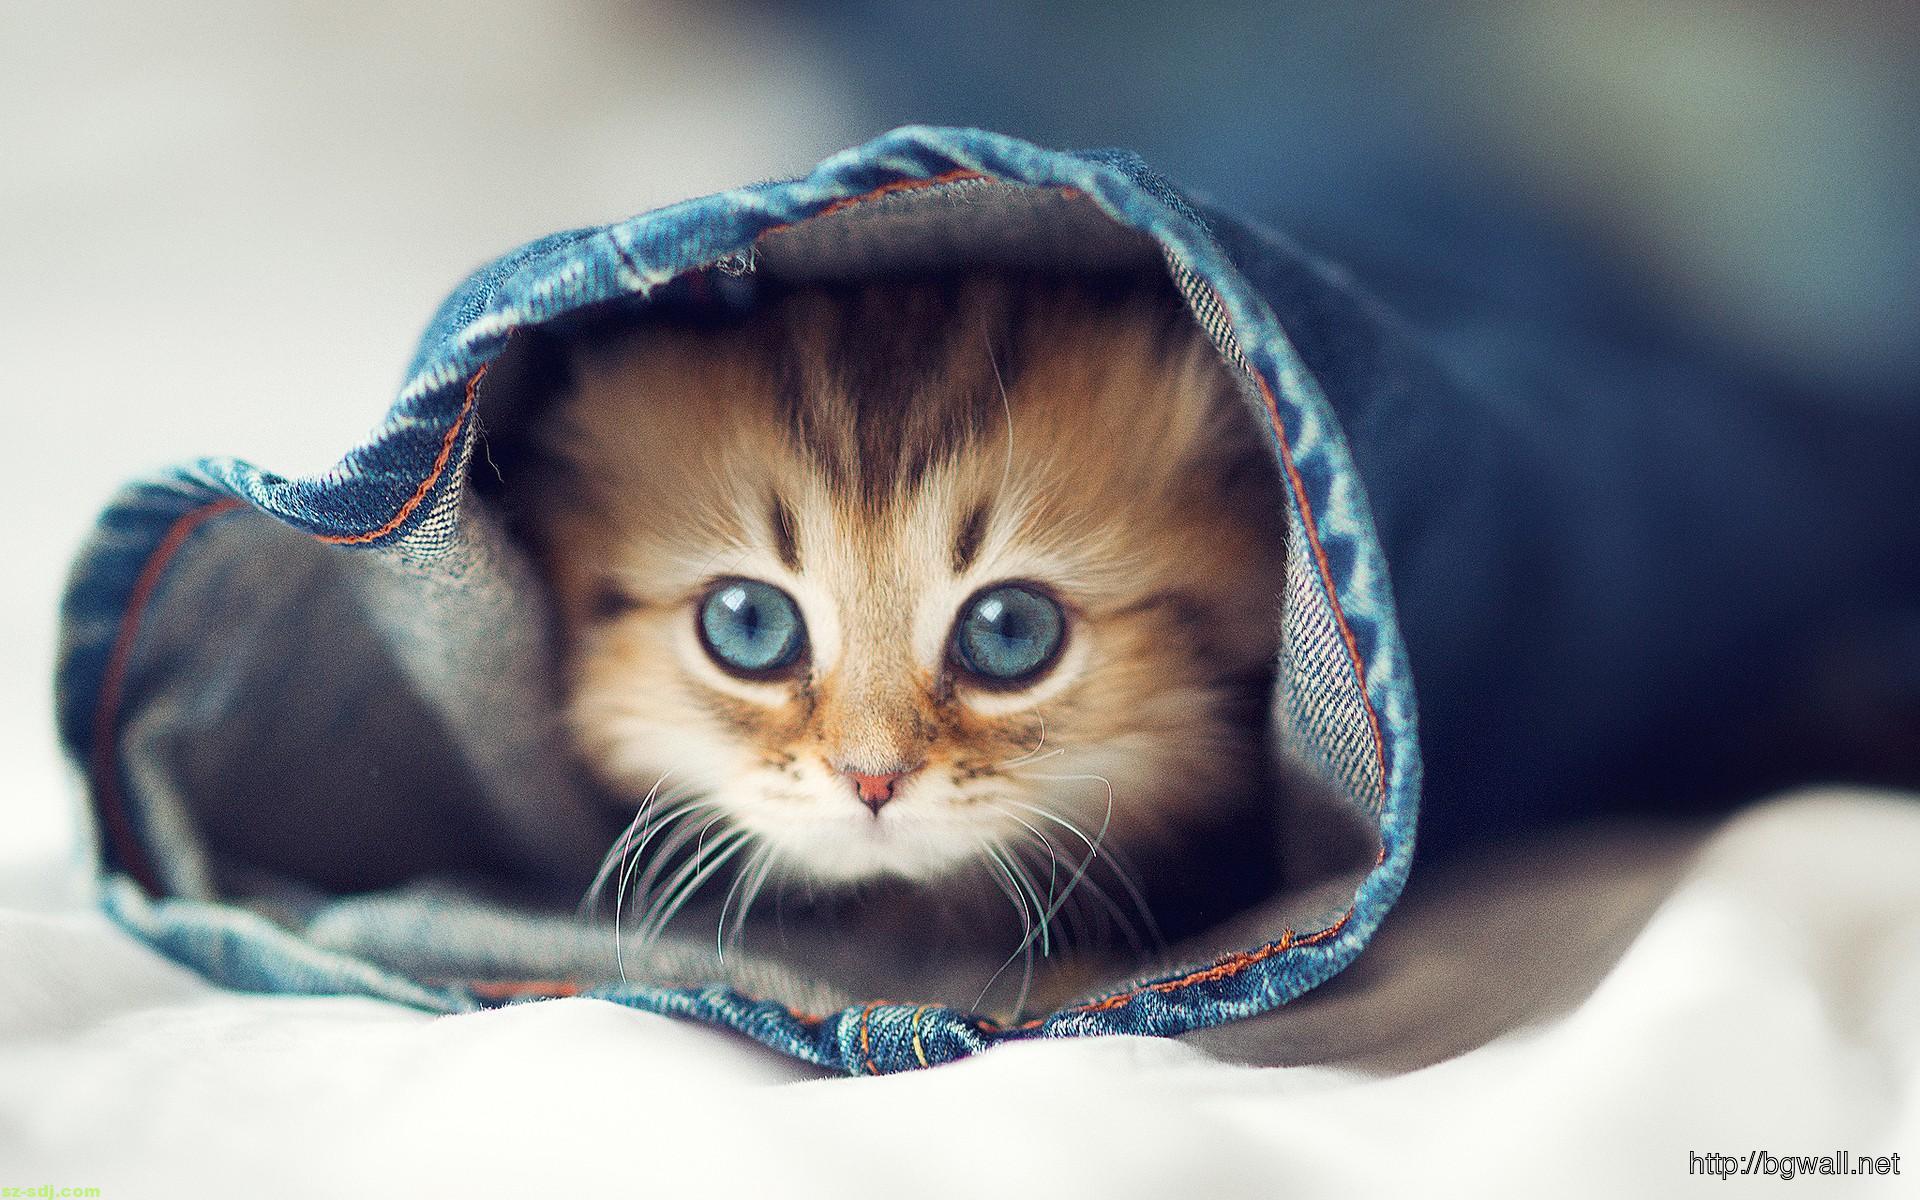 cute-kitten-hd-wallpaper-picture